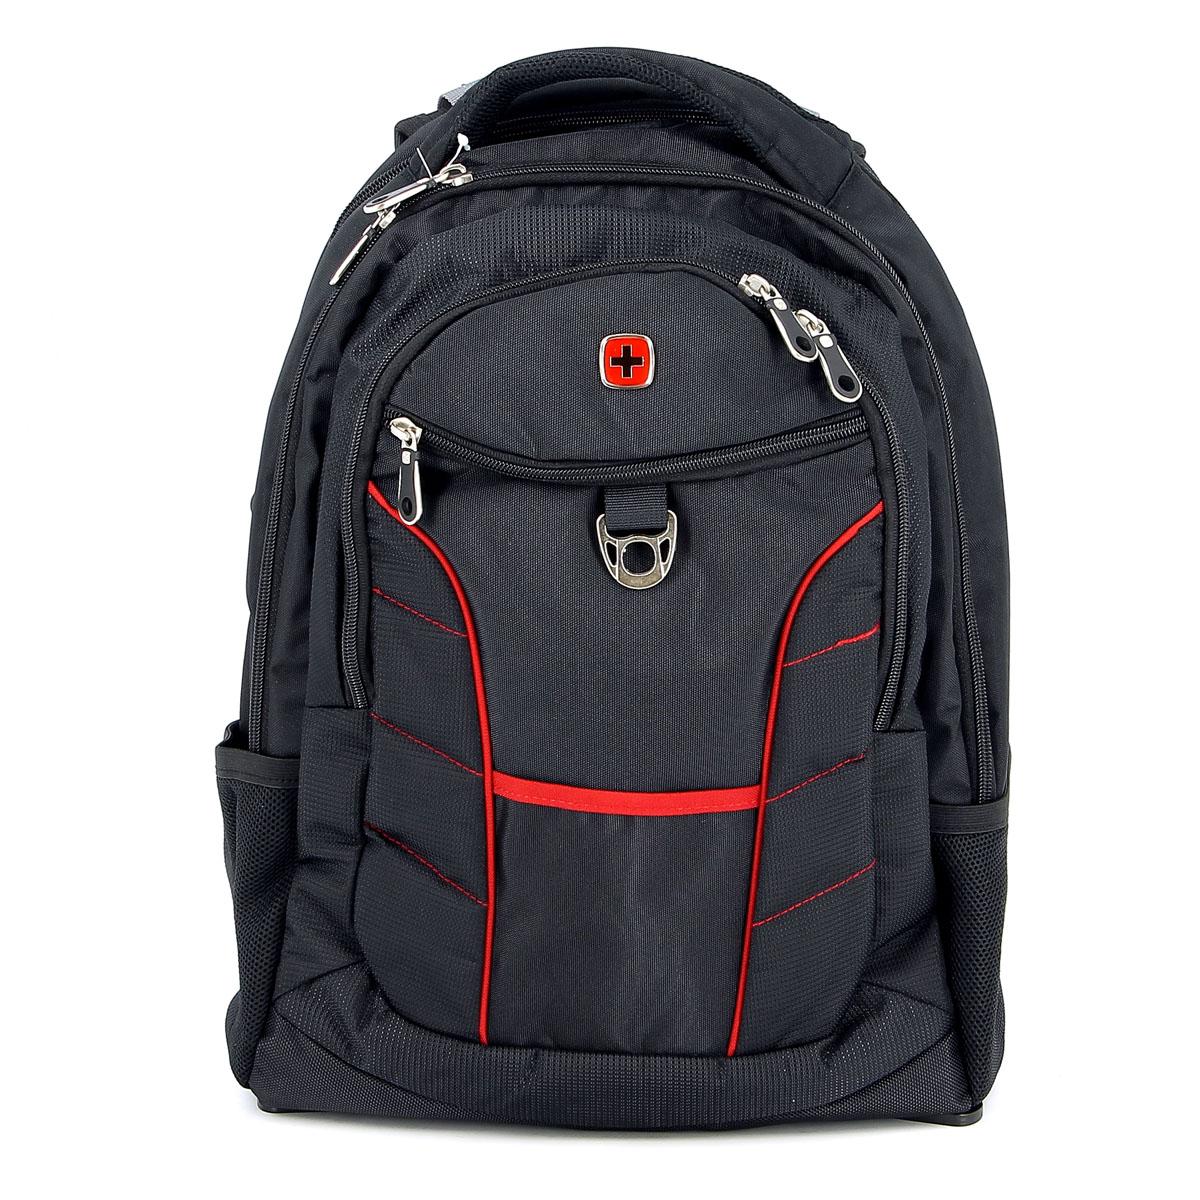 Рюкзак Wenger Rad, цвет: черный, красный, 35 см х 20 см х 47 см, 33 л1178215Рюкзак Wenger Rad – это самодостаточный, многофункциональный и надежный спутник своего владельца, как и знаменитый швейцарский нож! Благодаря многофункциональности рюкзака Wenger, вы можете легко организовать свои вещи, отправив ключи, мобильный телефон и еще тысячу мелочей в специальный карман-органайзер, положив ноутбук в надежный мягкий карман под спинкой. После этого останется еще много места для других необходимых вещей. Рюкзаки и сумки Wenger – это прежде всего современные материалы и фурнитура от надежных поставщиков и швейцарский контроль качества, благодаря которому репутация компании была и остается столь высокой. Продуманная конструкция и современные технологии проявляются главным образом в потрясающей надежности рюкзаков и сумок Wenger. А ведь надежность – самое важное качество и в амуниции, и в людях. Особенности рюкзака:Большой объем для хранения: основное отделение предоставляет достаточный объем для папок, электронных игр и других аксессуаров.Мягкое отделение для ноутбука: регулируемый ремень с липучкой может закрепить ноутбуки с размером экрана 15 дюймов. Эластичные сетчатые карманы удобны для аксессуаров. Система циркуляции воздуха: дизайн задней мягкой вставки для спины обеспечивает циркуляцию воздуха для комфорта и максимального удобства. Плечевые ремни: эргономичные ремни анатомической формы разработаны с дополнительным уплотнением для удобства и контроля. Карман для бутылки воды: внешние двойные карманы из эластичной сетки удобны для бутылок различного размера. Отверстие для провода наушников: внутренний карман подходит для большинства МР3 плееров с внешним портом для наушников. Карман для мелких предметов: внутренний карман-органайзер включает съемную ключницу и раздельные кармашки для ручек, карандашей, мобильного телефона и CD дисков. Петля для очков: благодаря эластичной петле на плечевом ремне удобно хранить солнцезащитные очки и они легко доступно.По всем вопросам